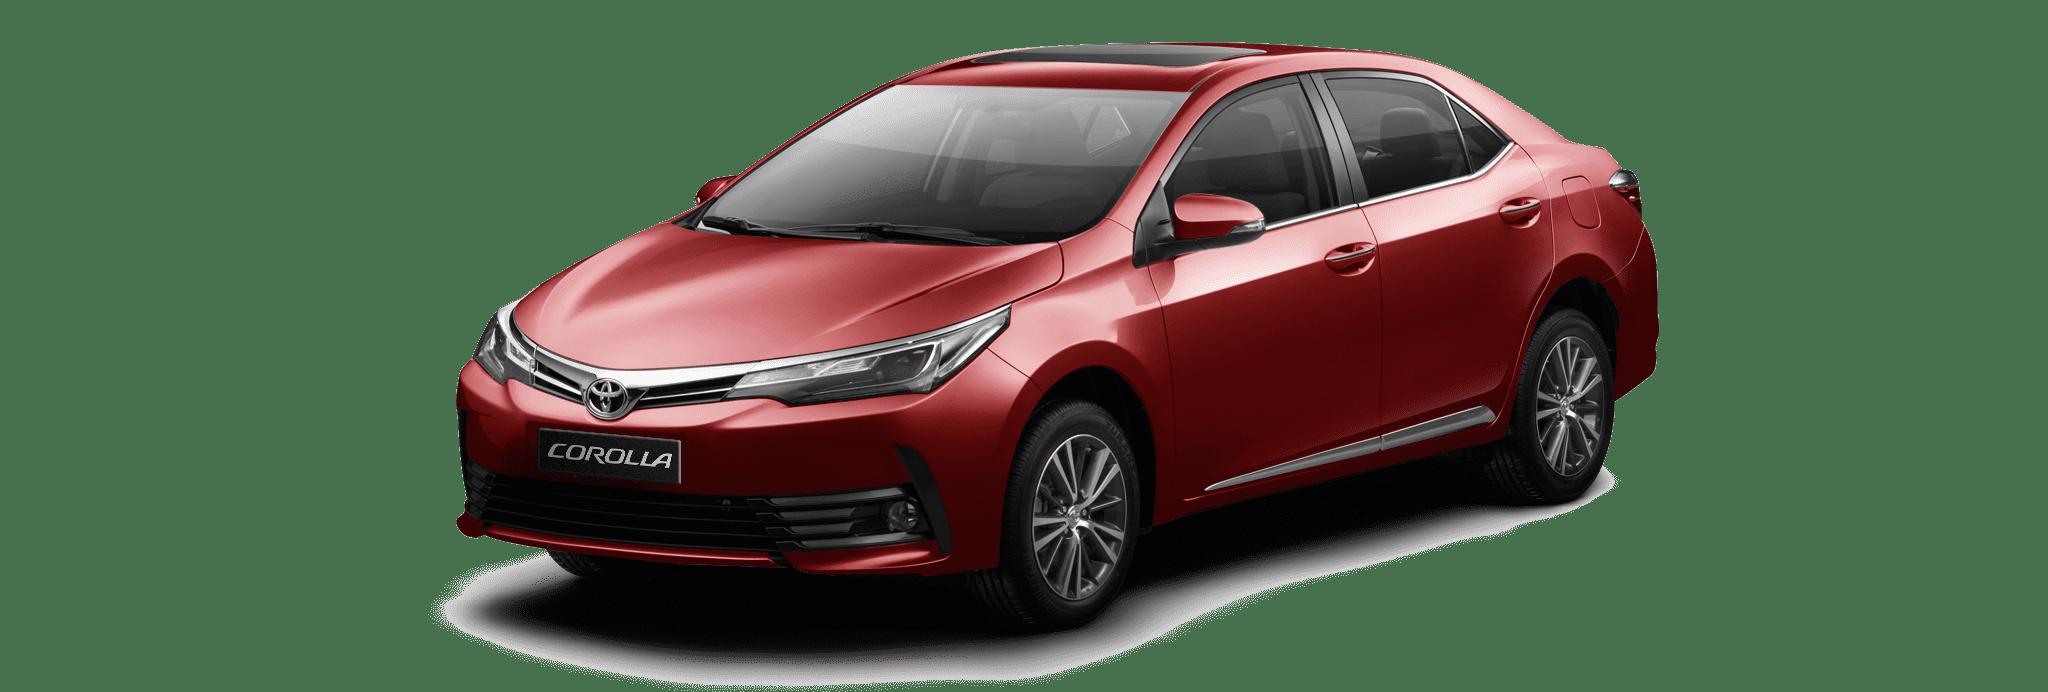 تويوتا كورولا 1.6L GLI CVT الجديدة 2019